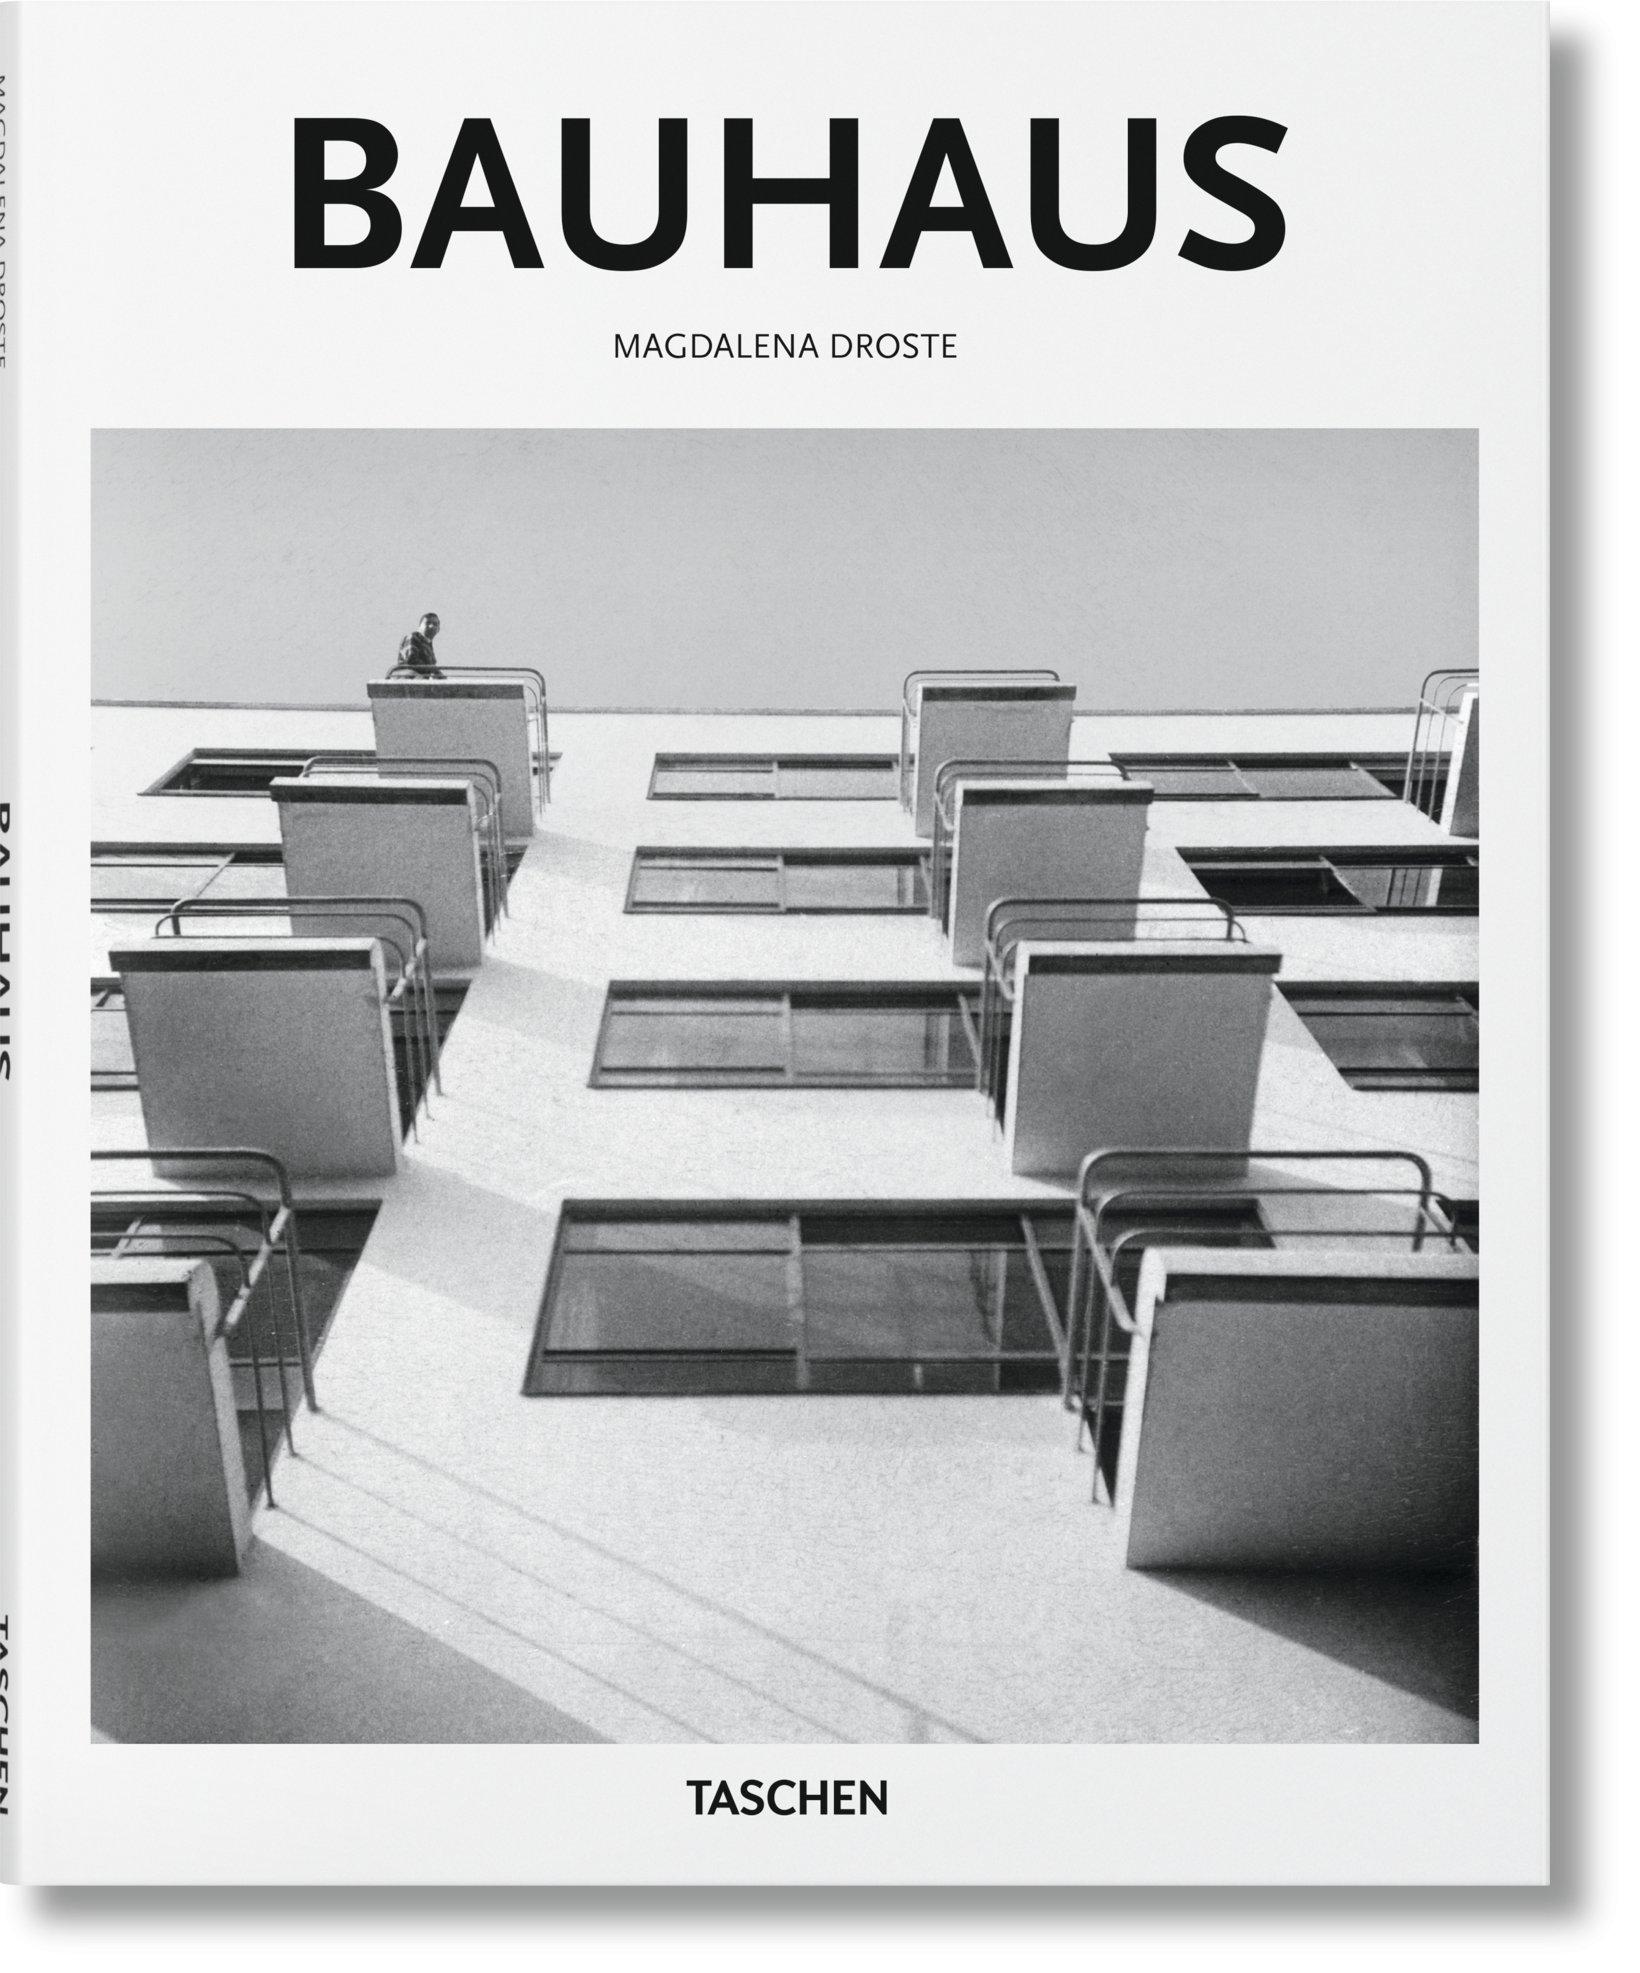 'Bauhaus', de Magdalena Droste, recibe una revisión para celebrar los 100 años de la escuela